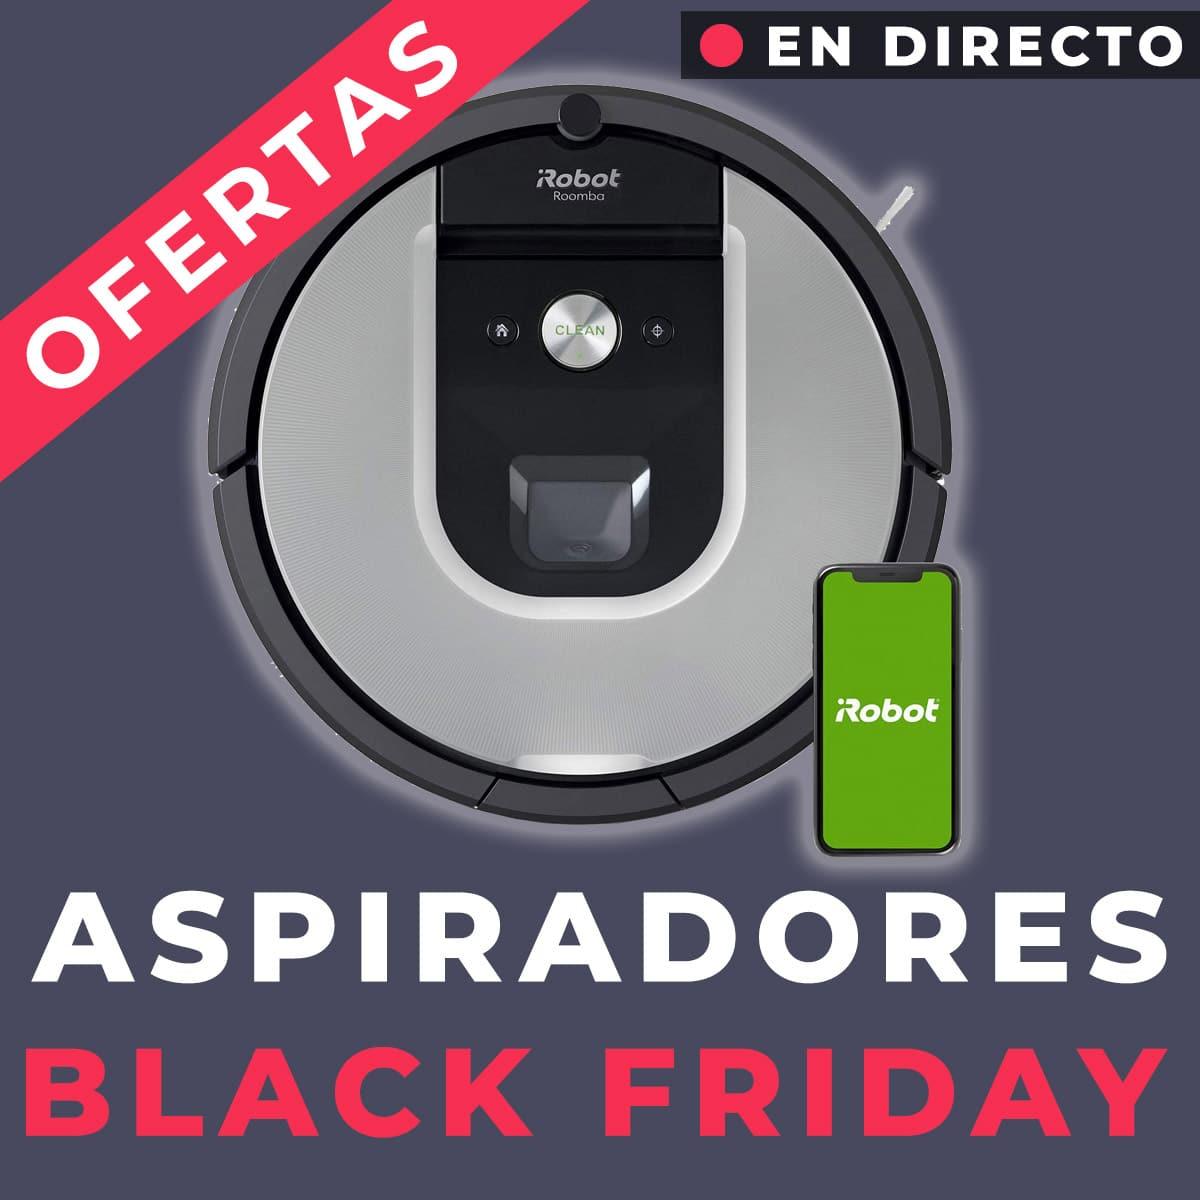 ofertas aspiradoras black friday